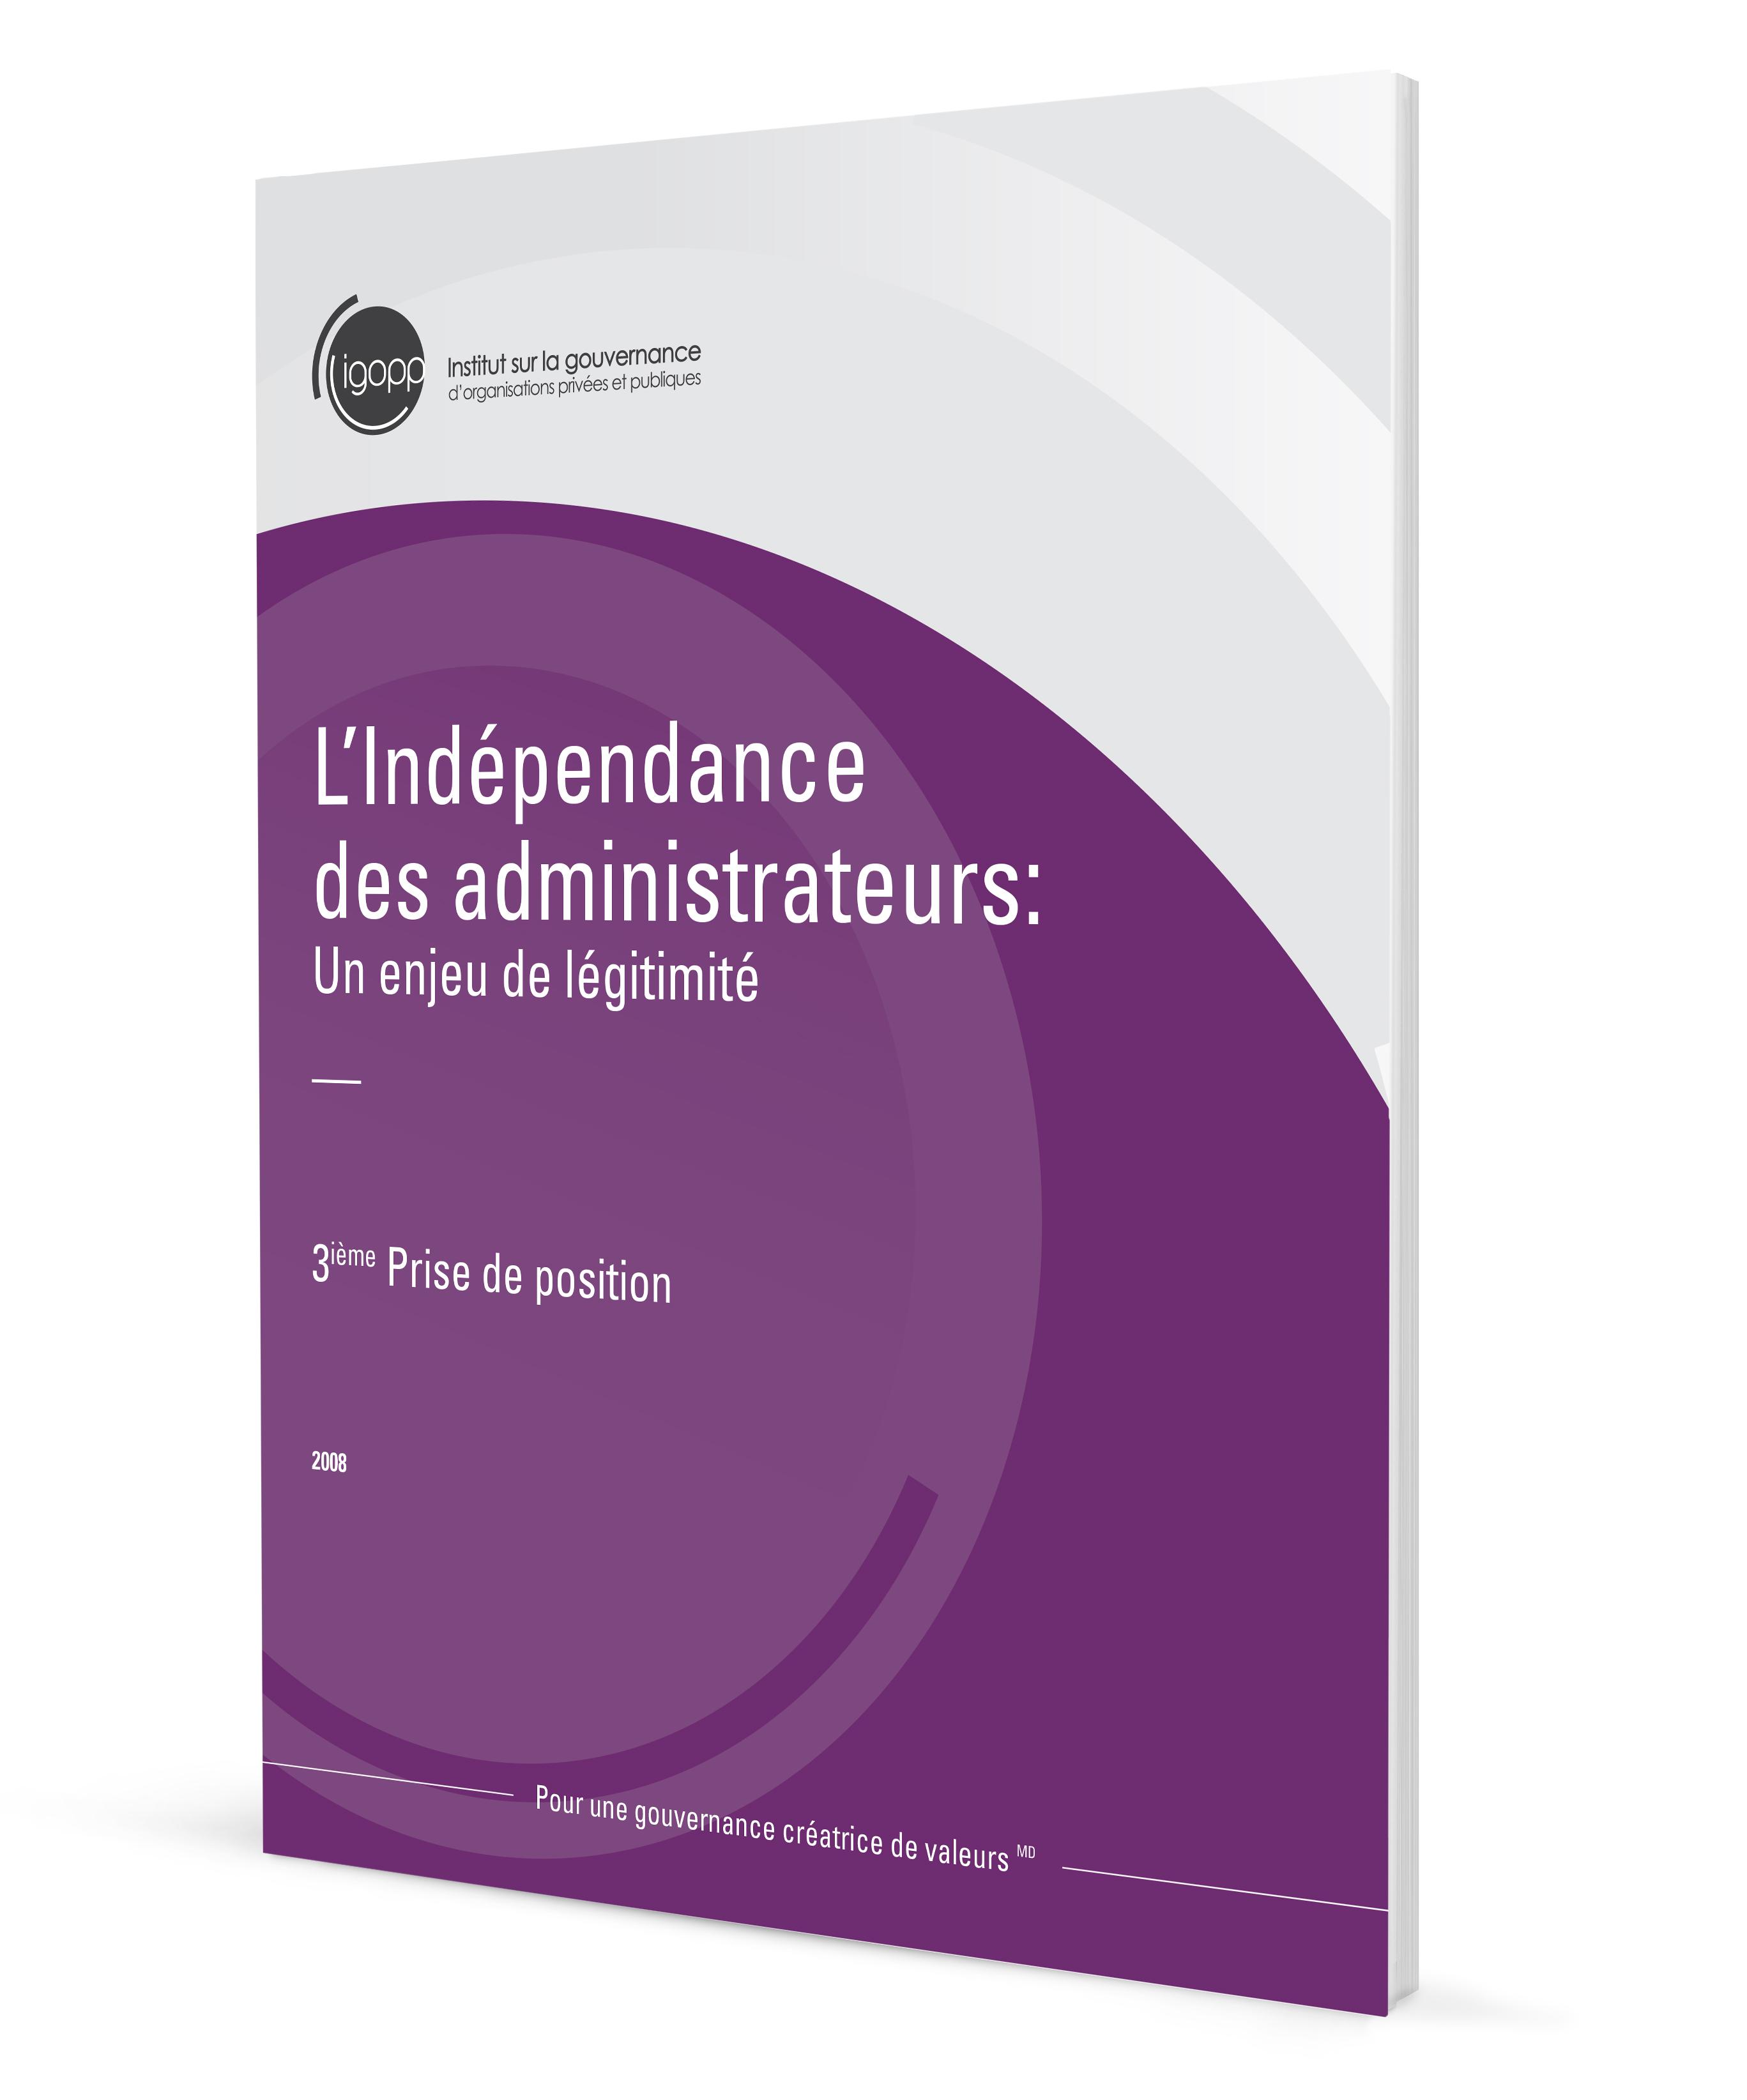 L'indépendance des administrateurs